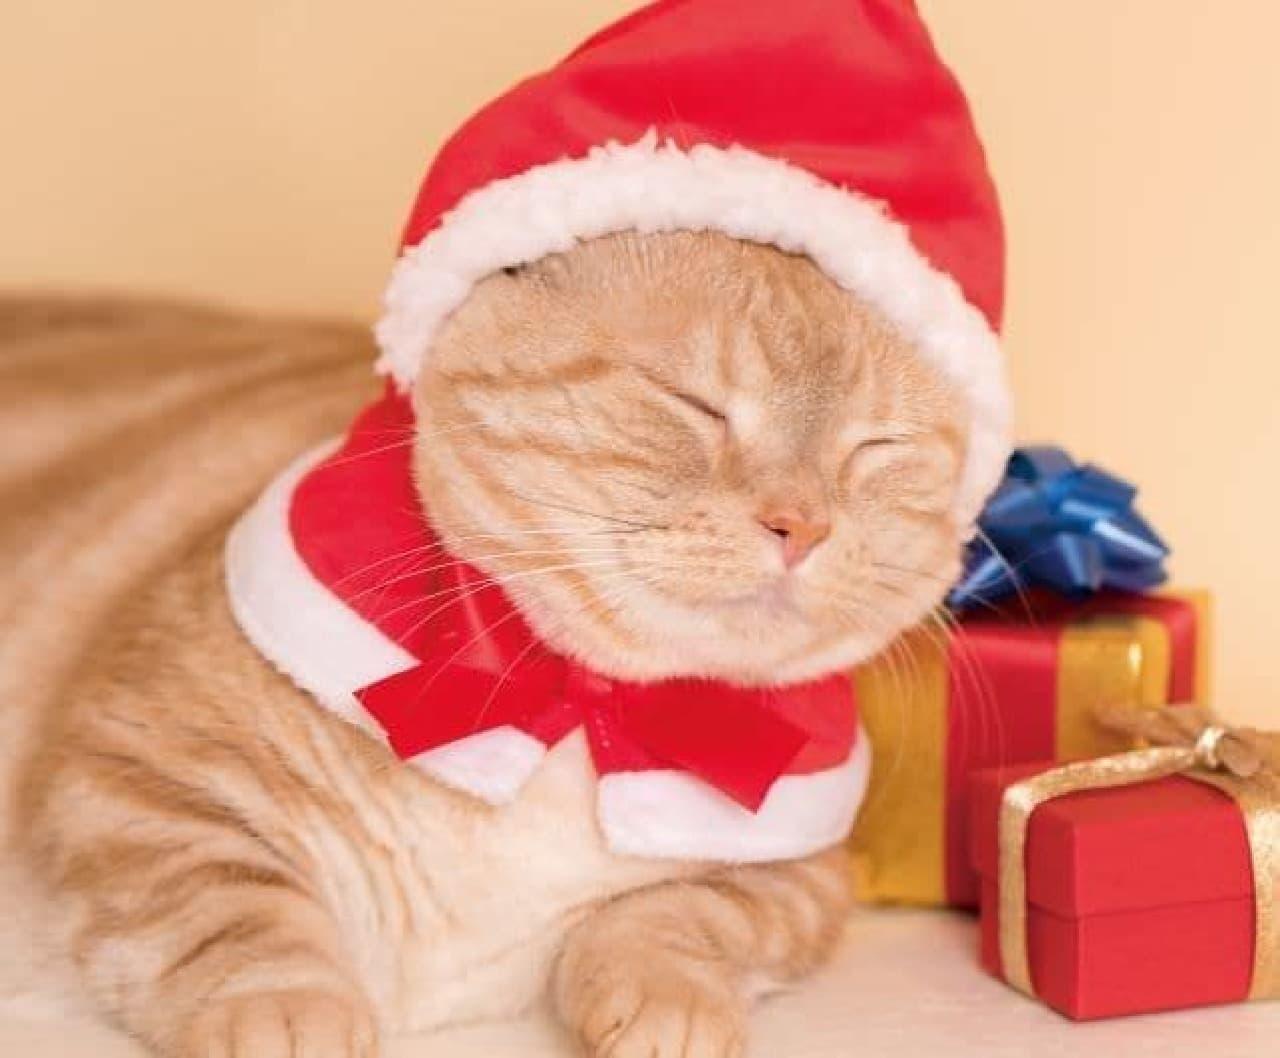 カプセルトイ「かわいい かわいい ねこクリスマス ちゃん」